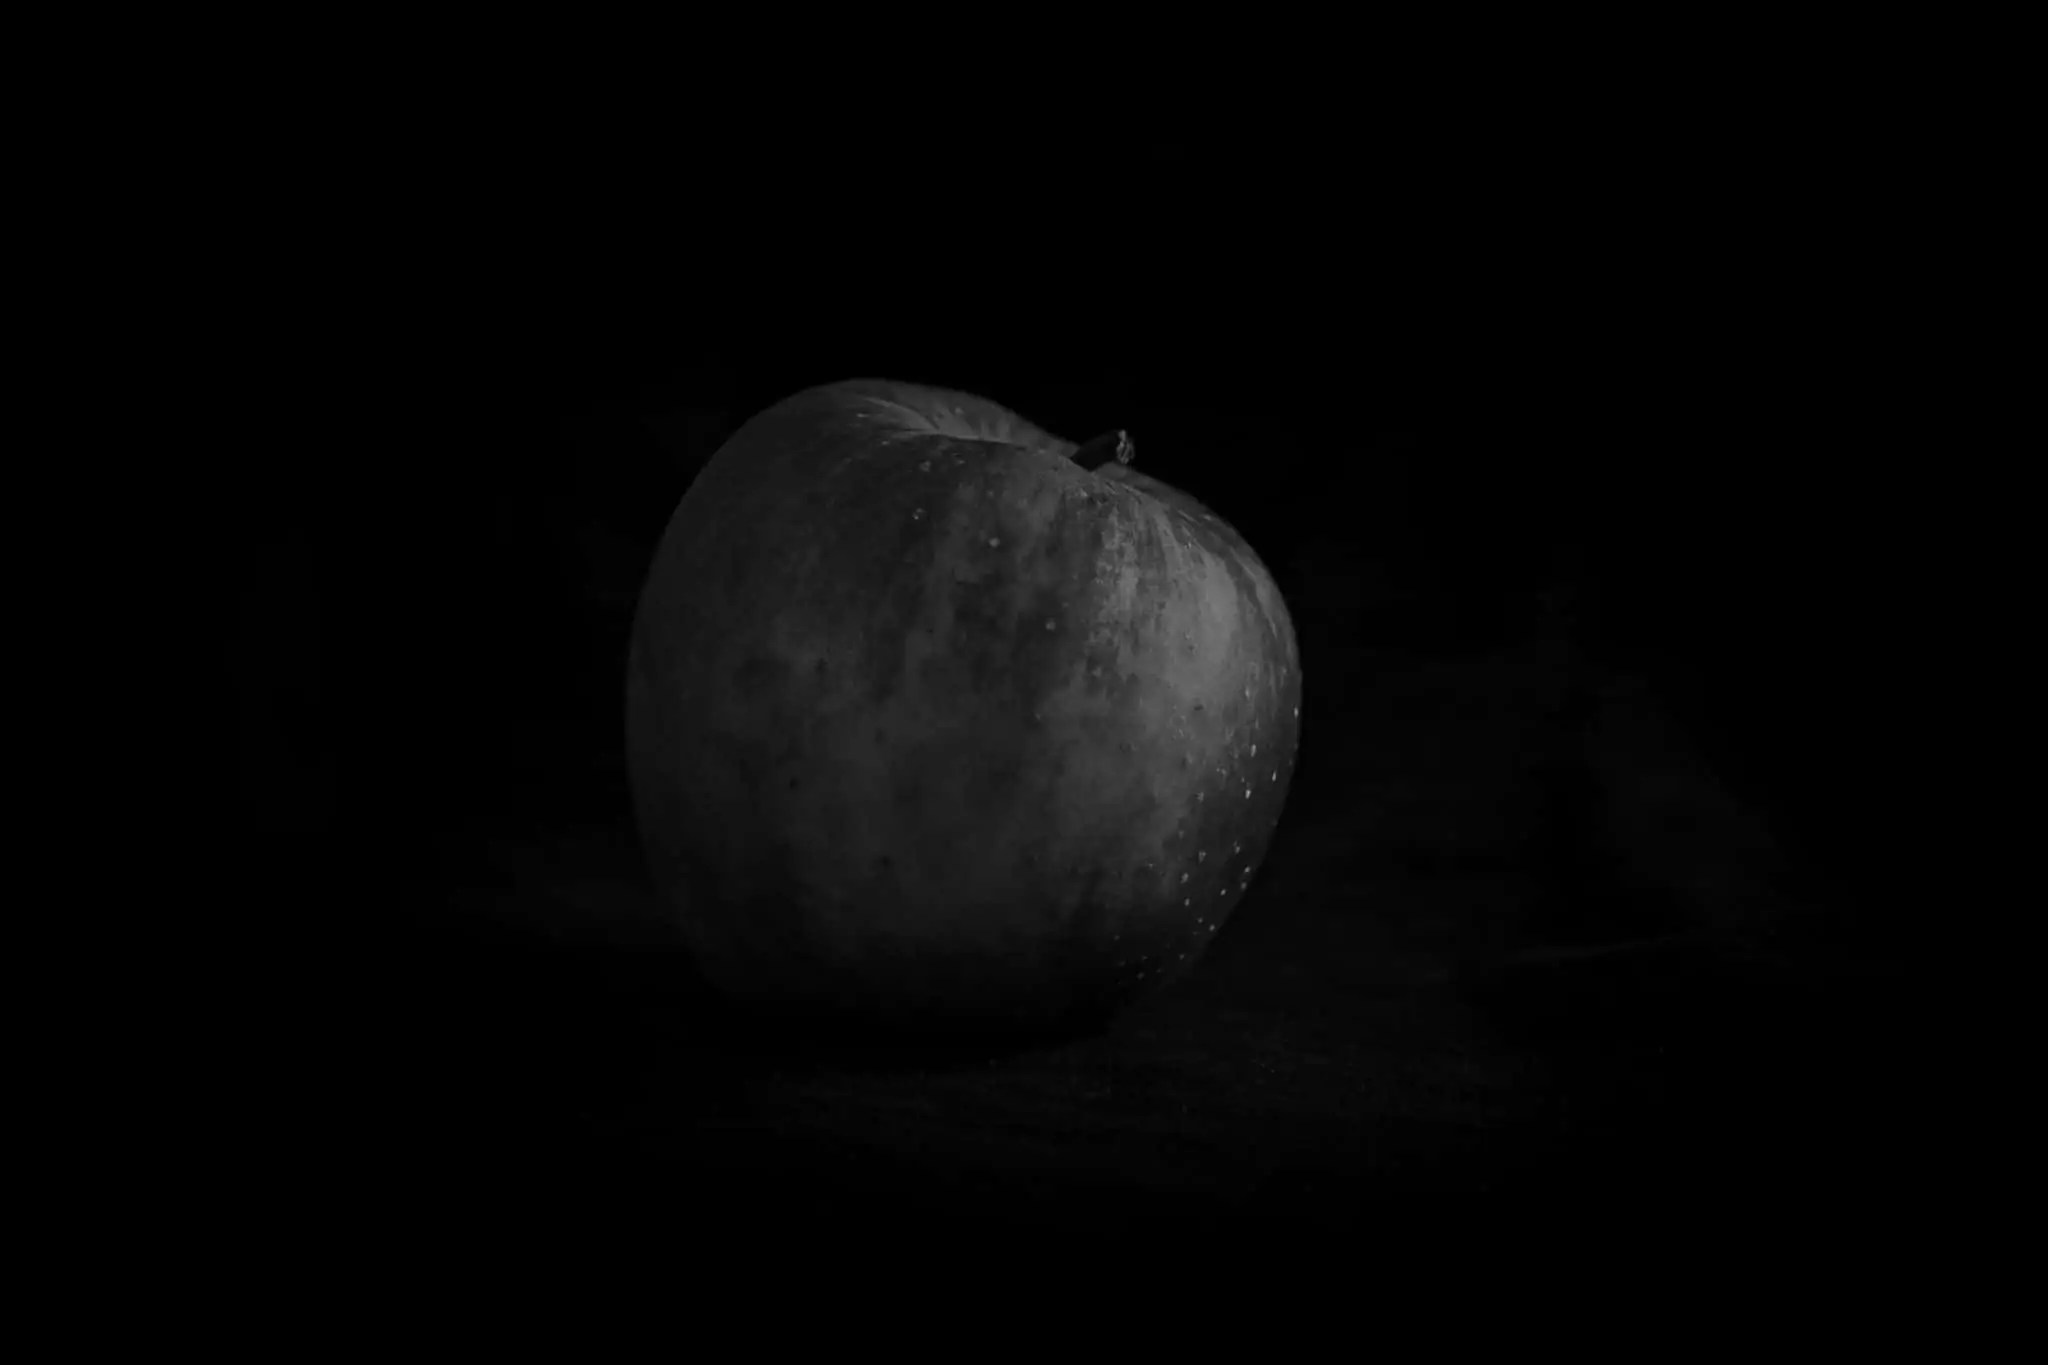 Zdjęcia jabłek w stylu rembrandta 2 2 scaled - Zdjęcia jabłek - polskie owoce